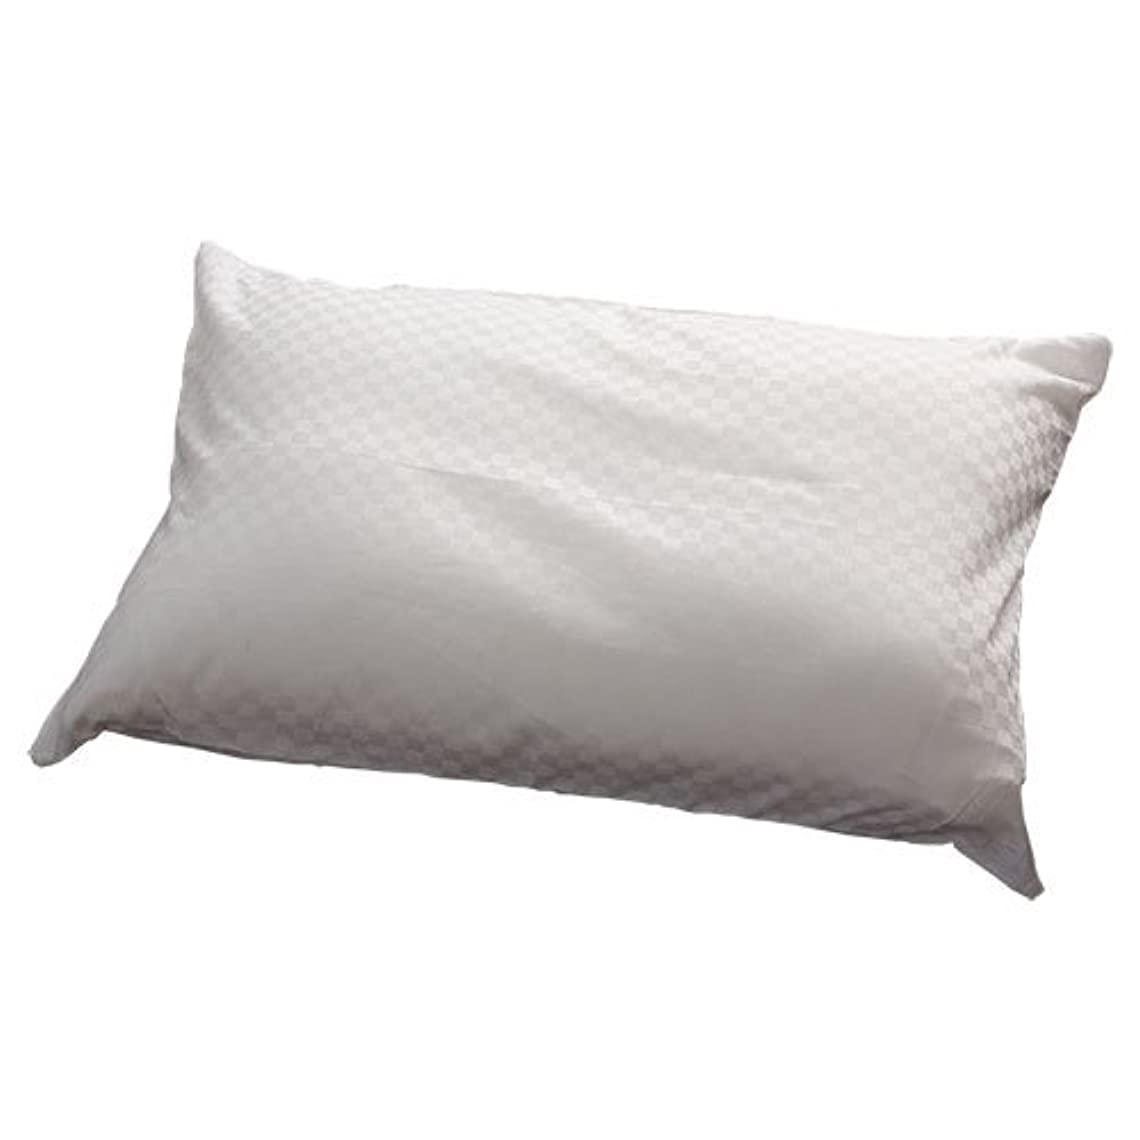 立ち向かうバンカーリードサテン 枕カバー チェック柄 ピュアホワイト A029-M013WH